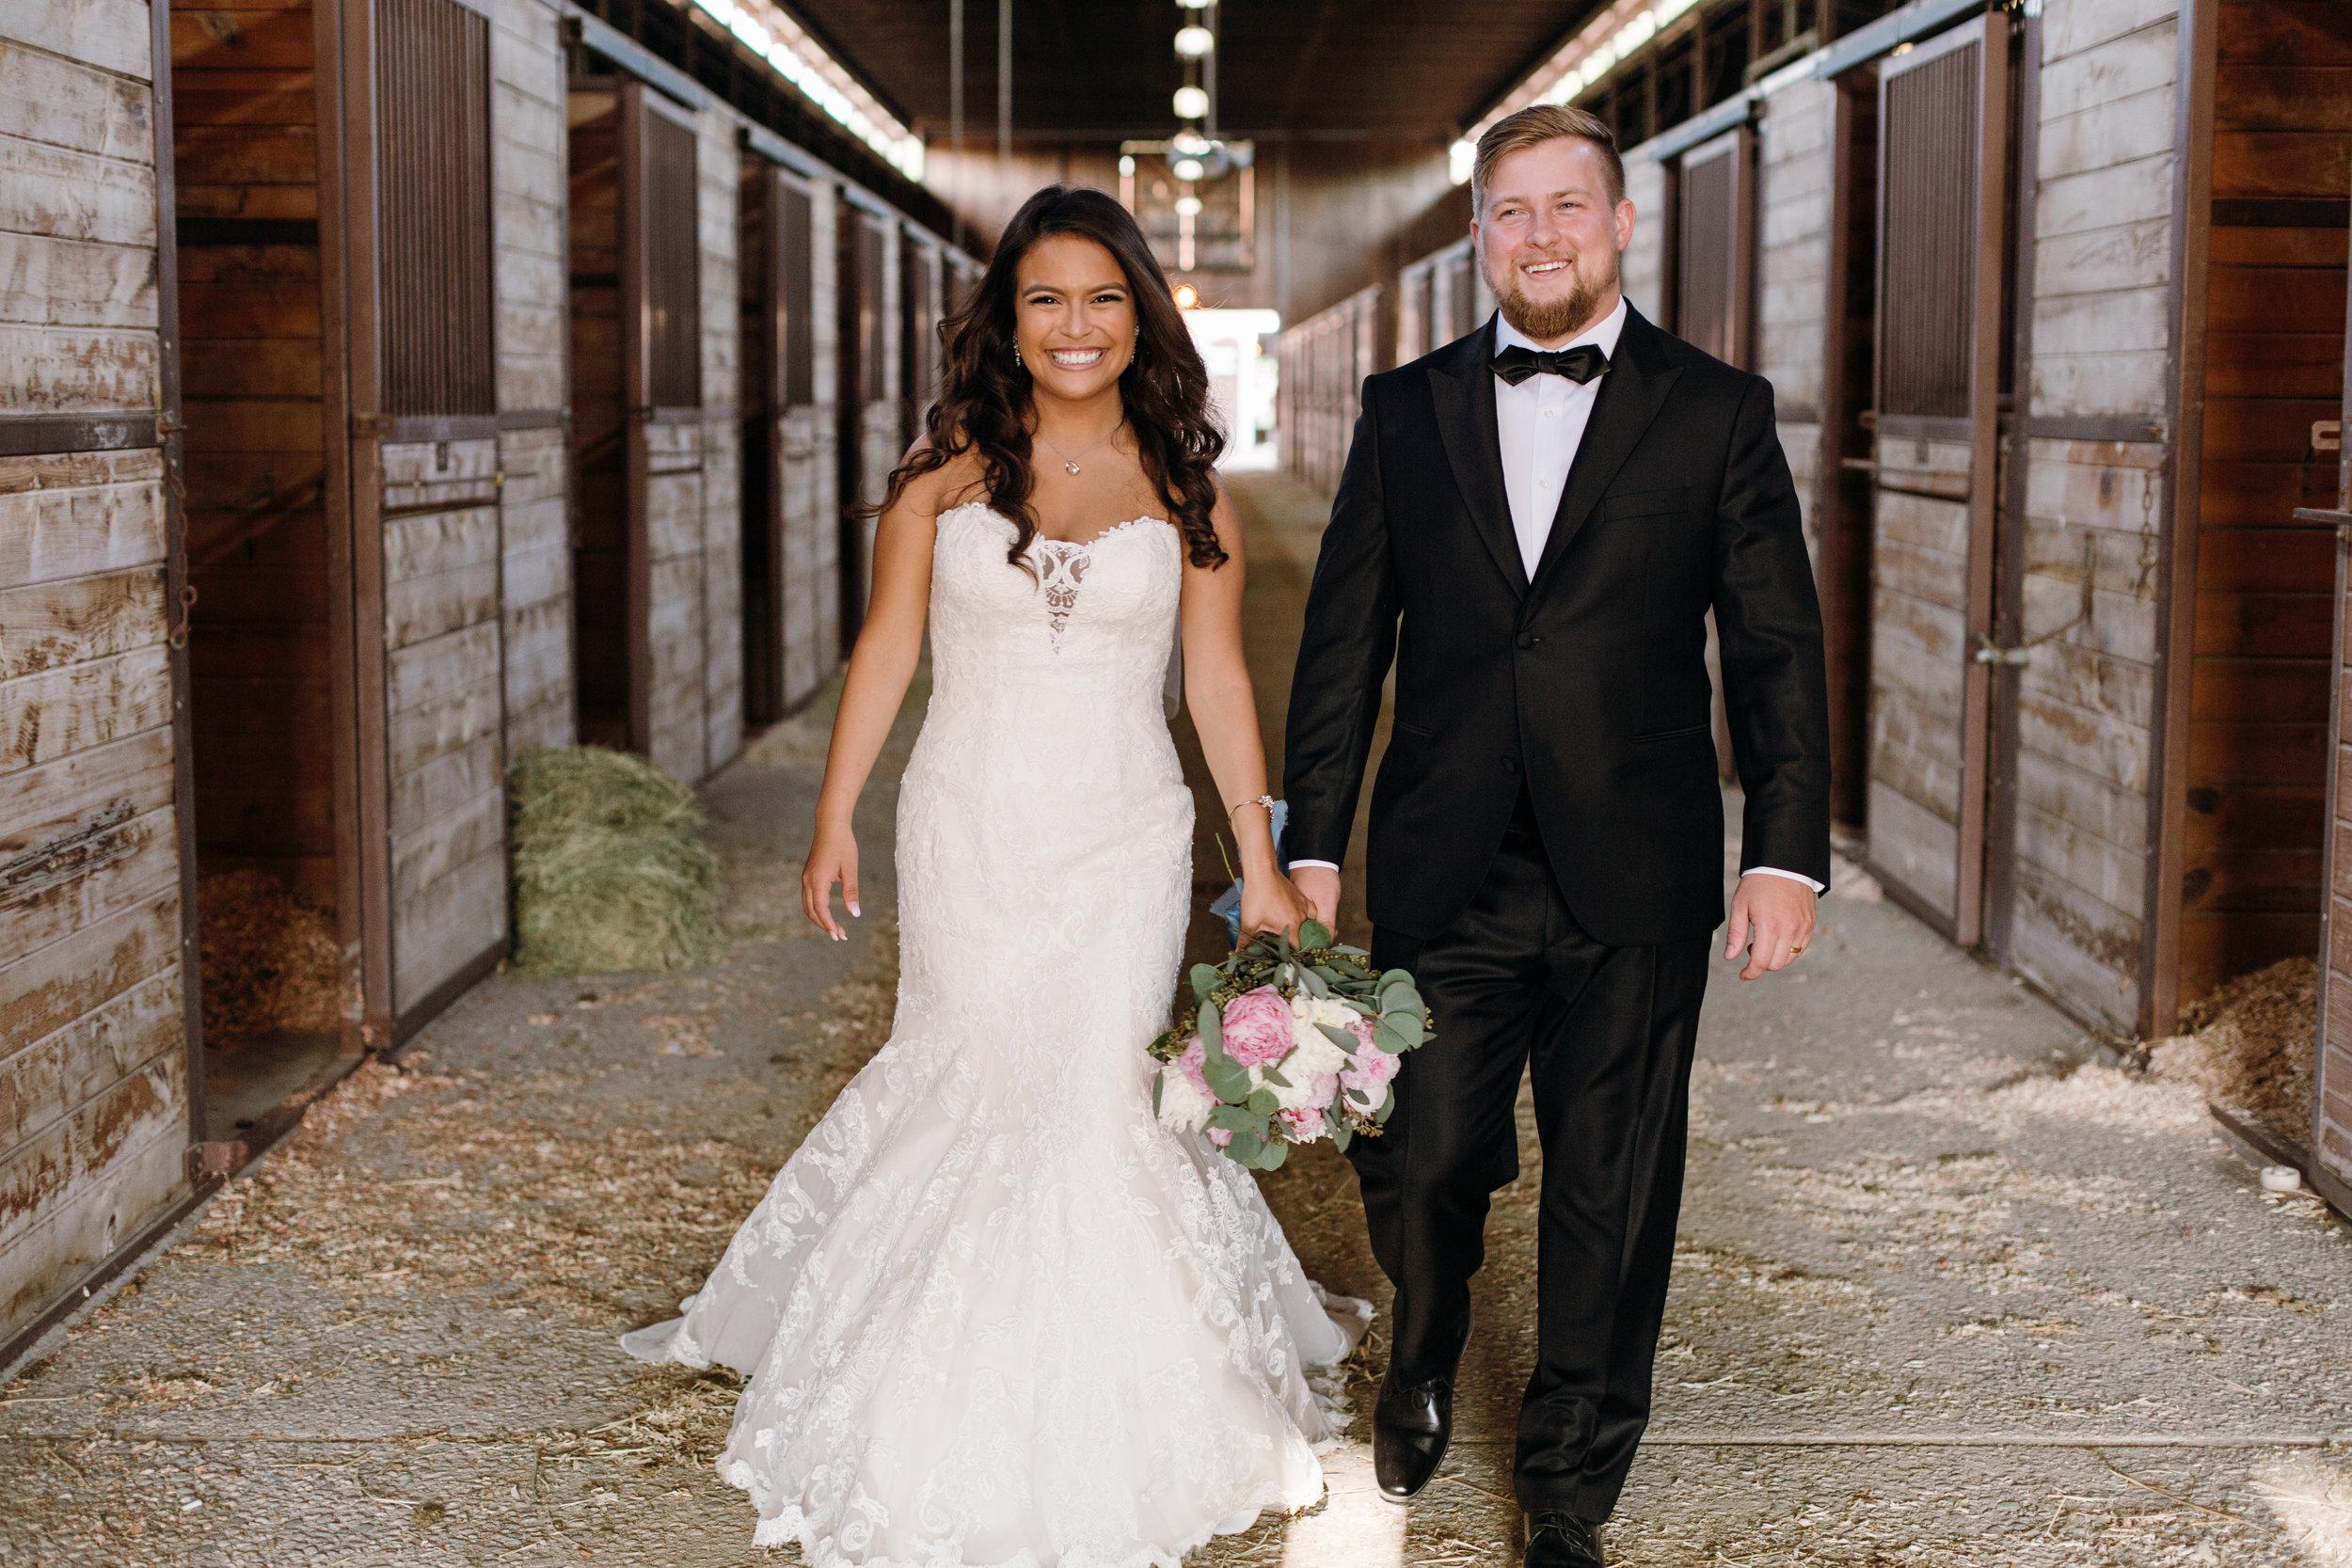 KaraNixonWeddings-SanDiego-Wedding-35.jpg